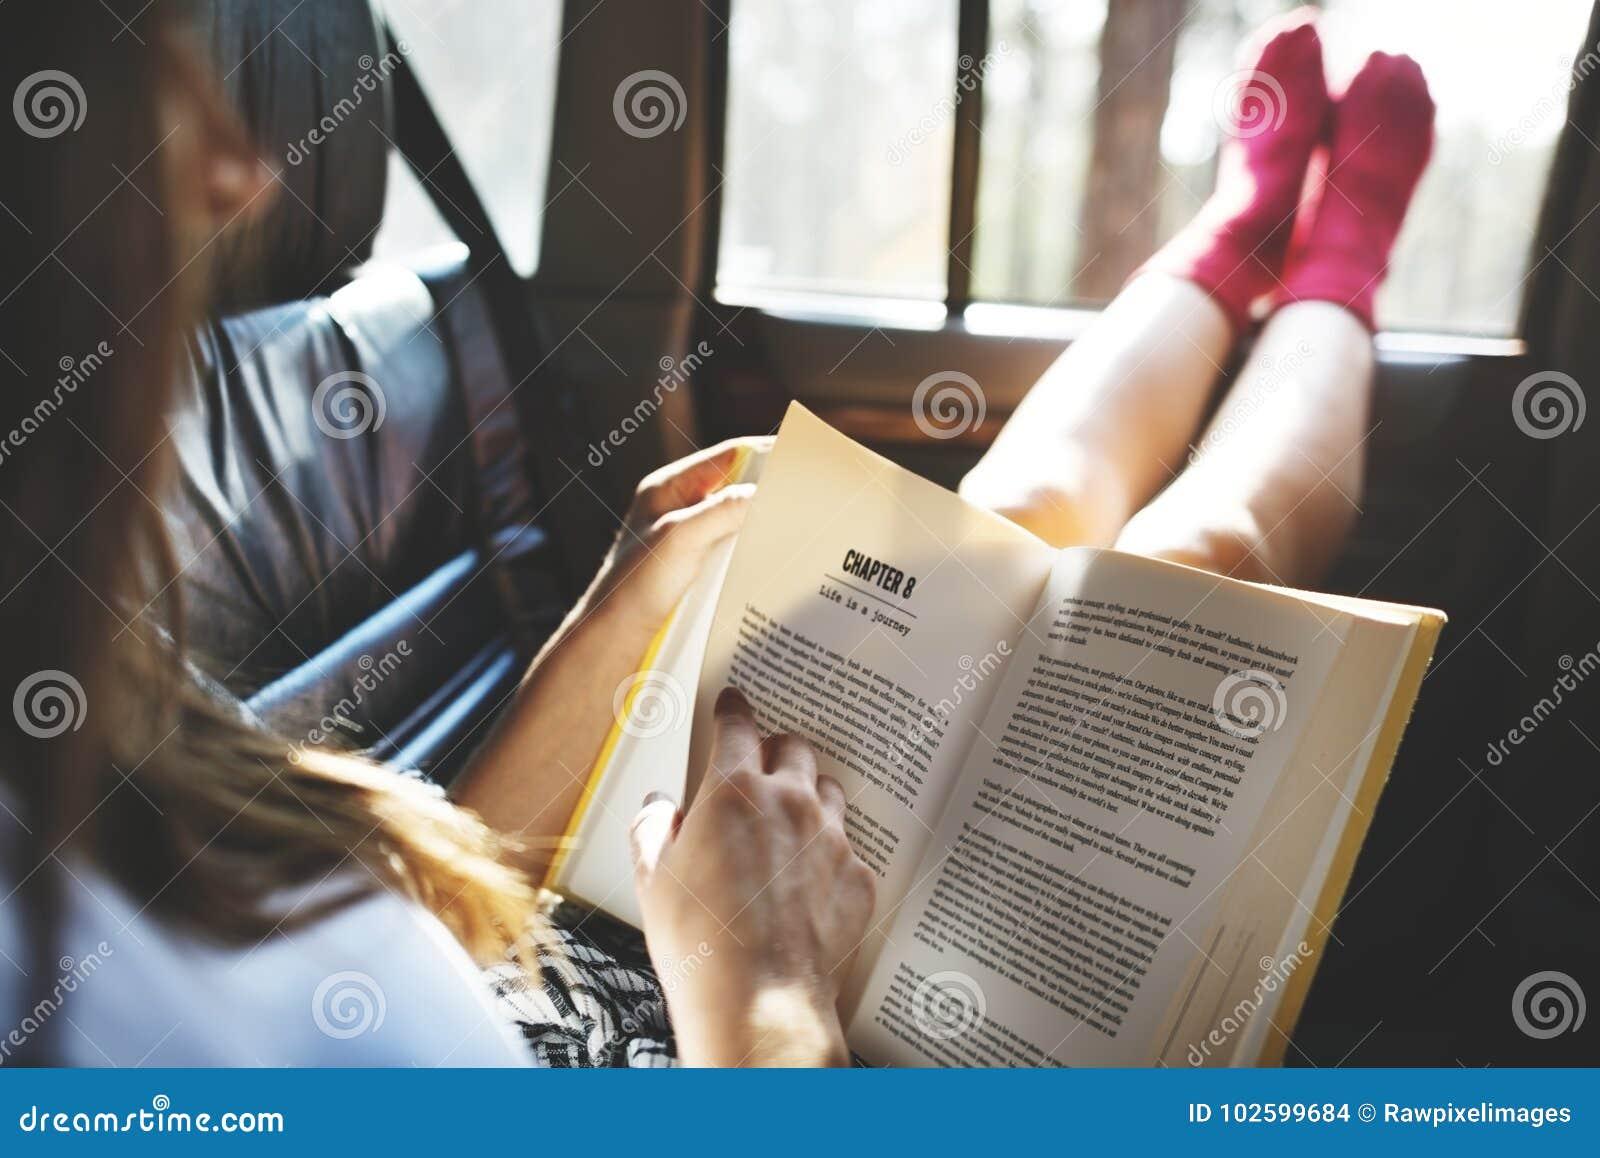 Κορίτσι που διαβάζει ένα βιβλίο σε ένα αυτοκίνητο